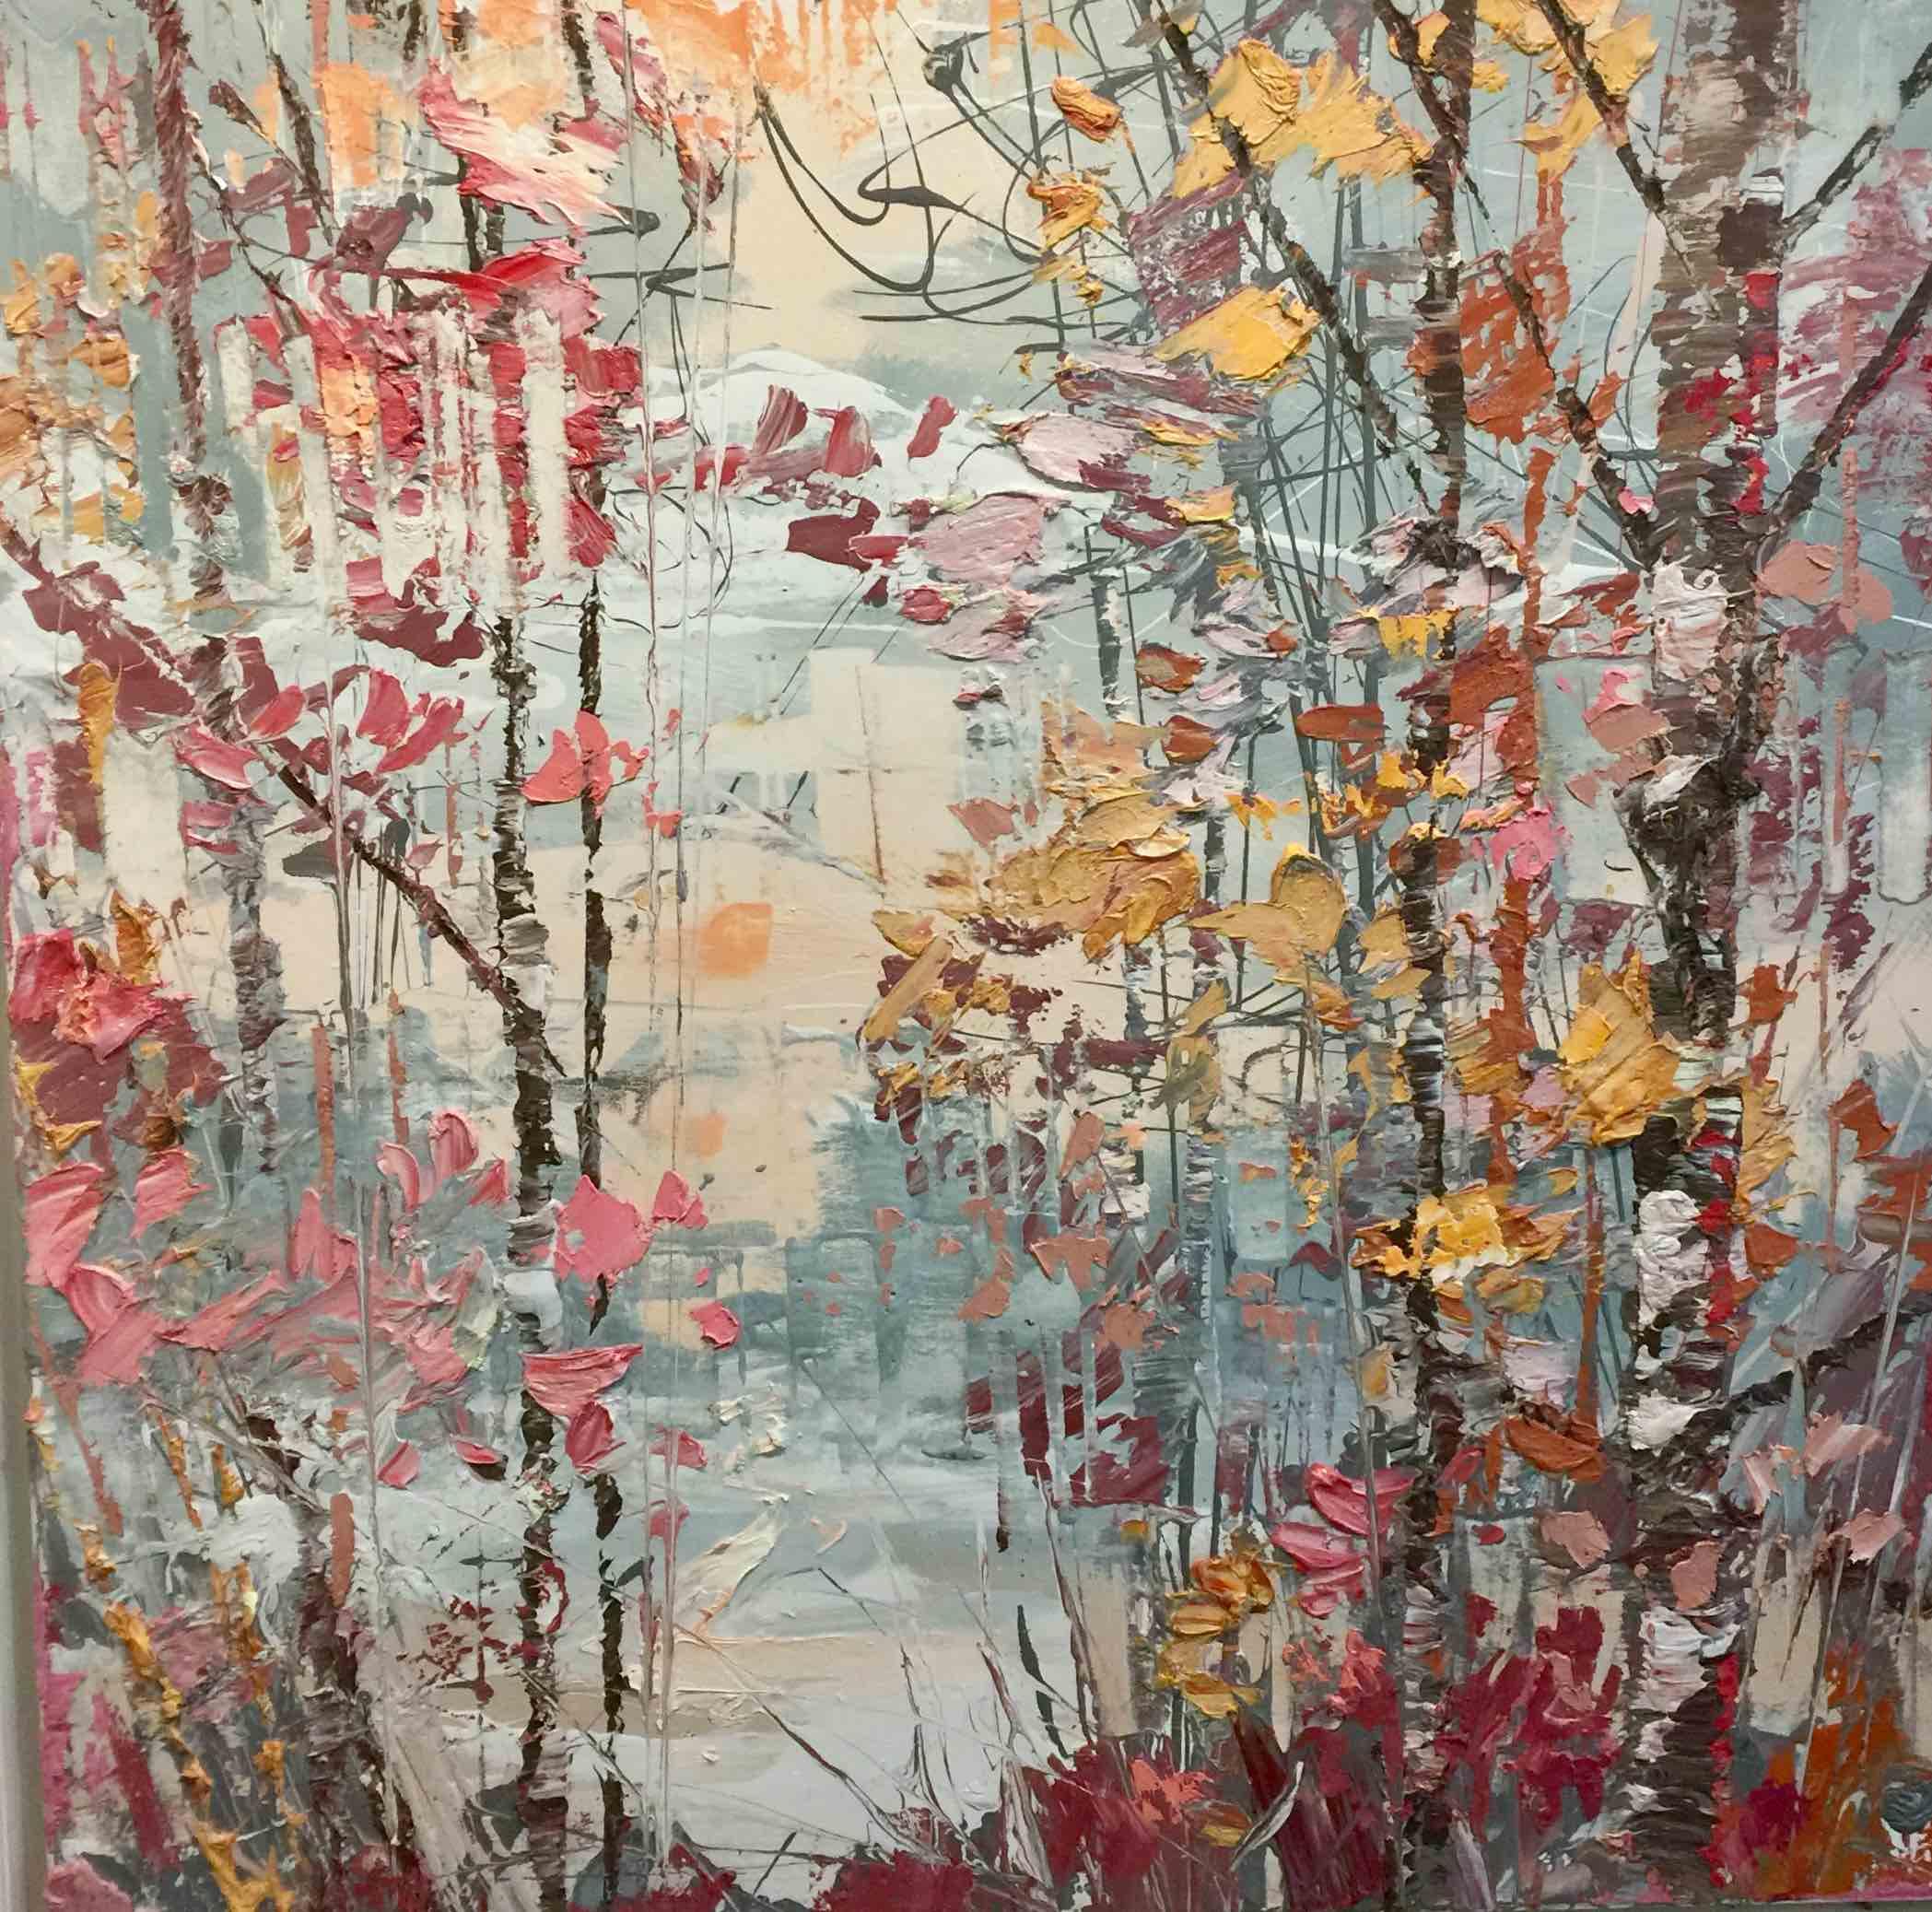 <span class=&#34;link fancybox-details-link&#34;><a href=&#34;/artists/193-paul-treasure/works/2697-paul-treasure-autumn-mist/&#34;>View Detail Page</a></span><div class=&#34;artist&#34;><strong>Paul Treasure</strong></div> <div class=&#34;title&#34;><em>Autumn Mist</em></div> <div class=&#34;medium&#34;>Oil on Canvas</div> <div class=&#34;dimensions&#34;>80 x 80 cm</div><div class=&#34;price&#34;>£3,750.00</div><div class=&#34;copyright_line&#34;>ART Salon</div>